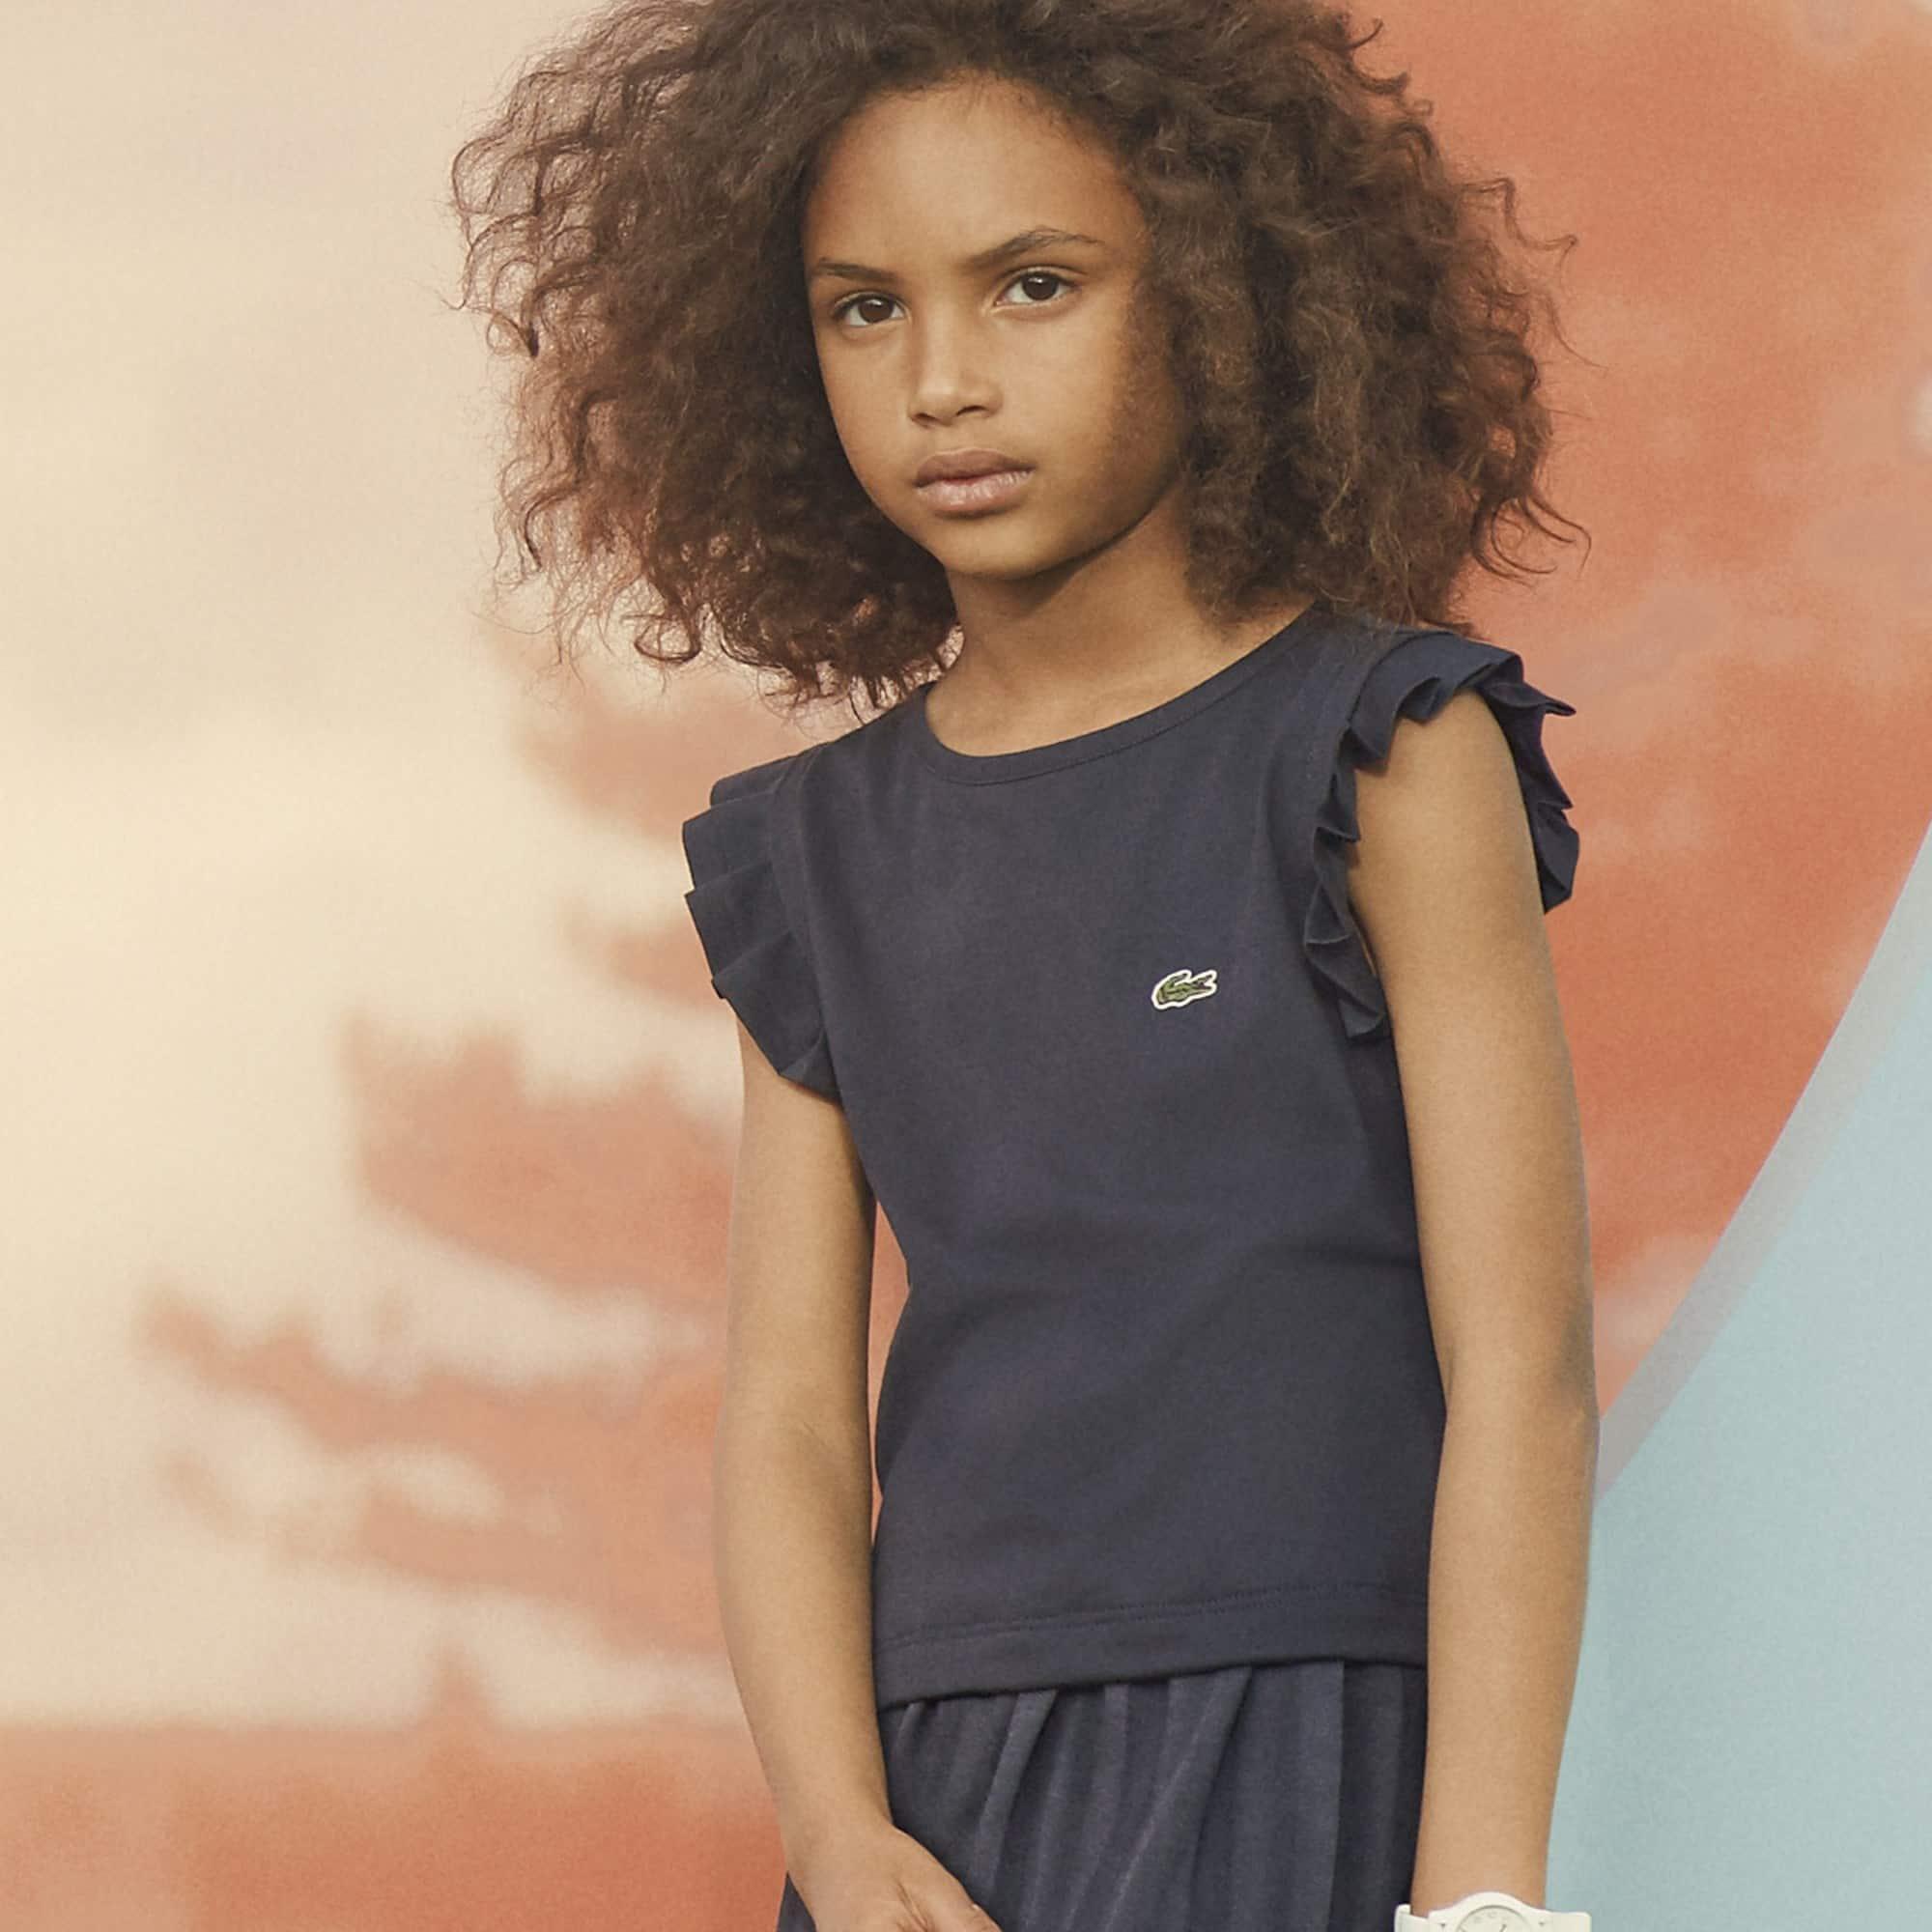 Camiseta Feminina Infantil em Jérsei com Gola Redonda e Babado nos Ombros